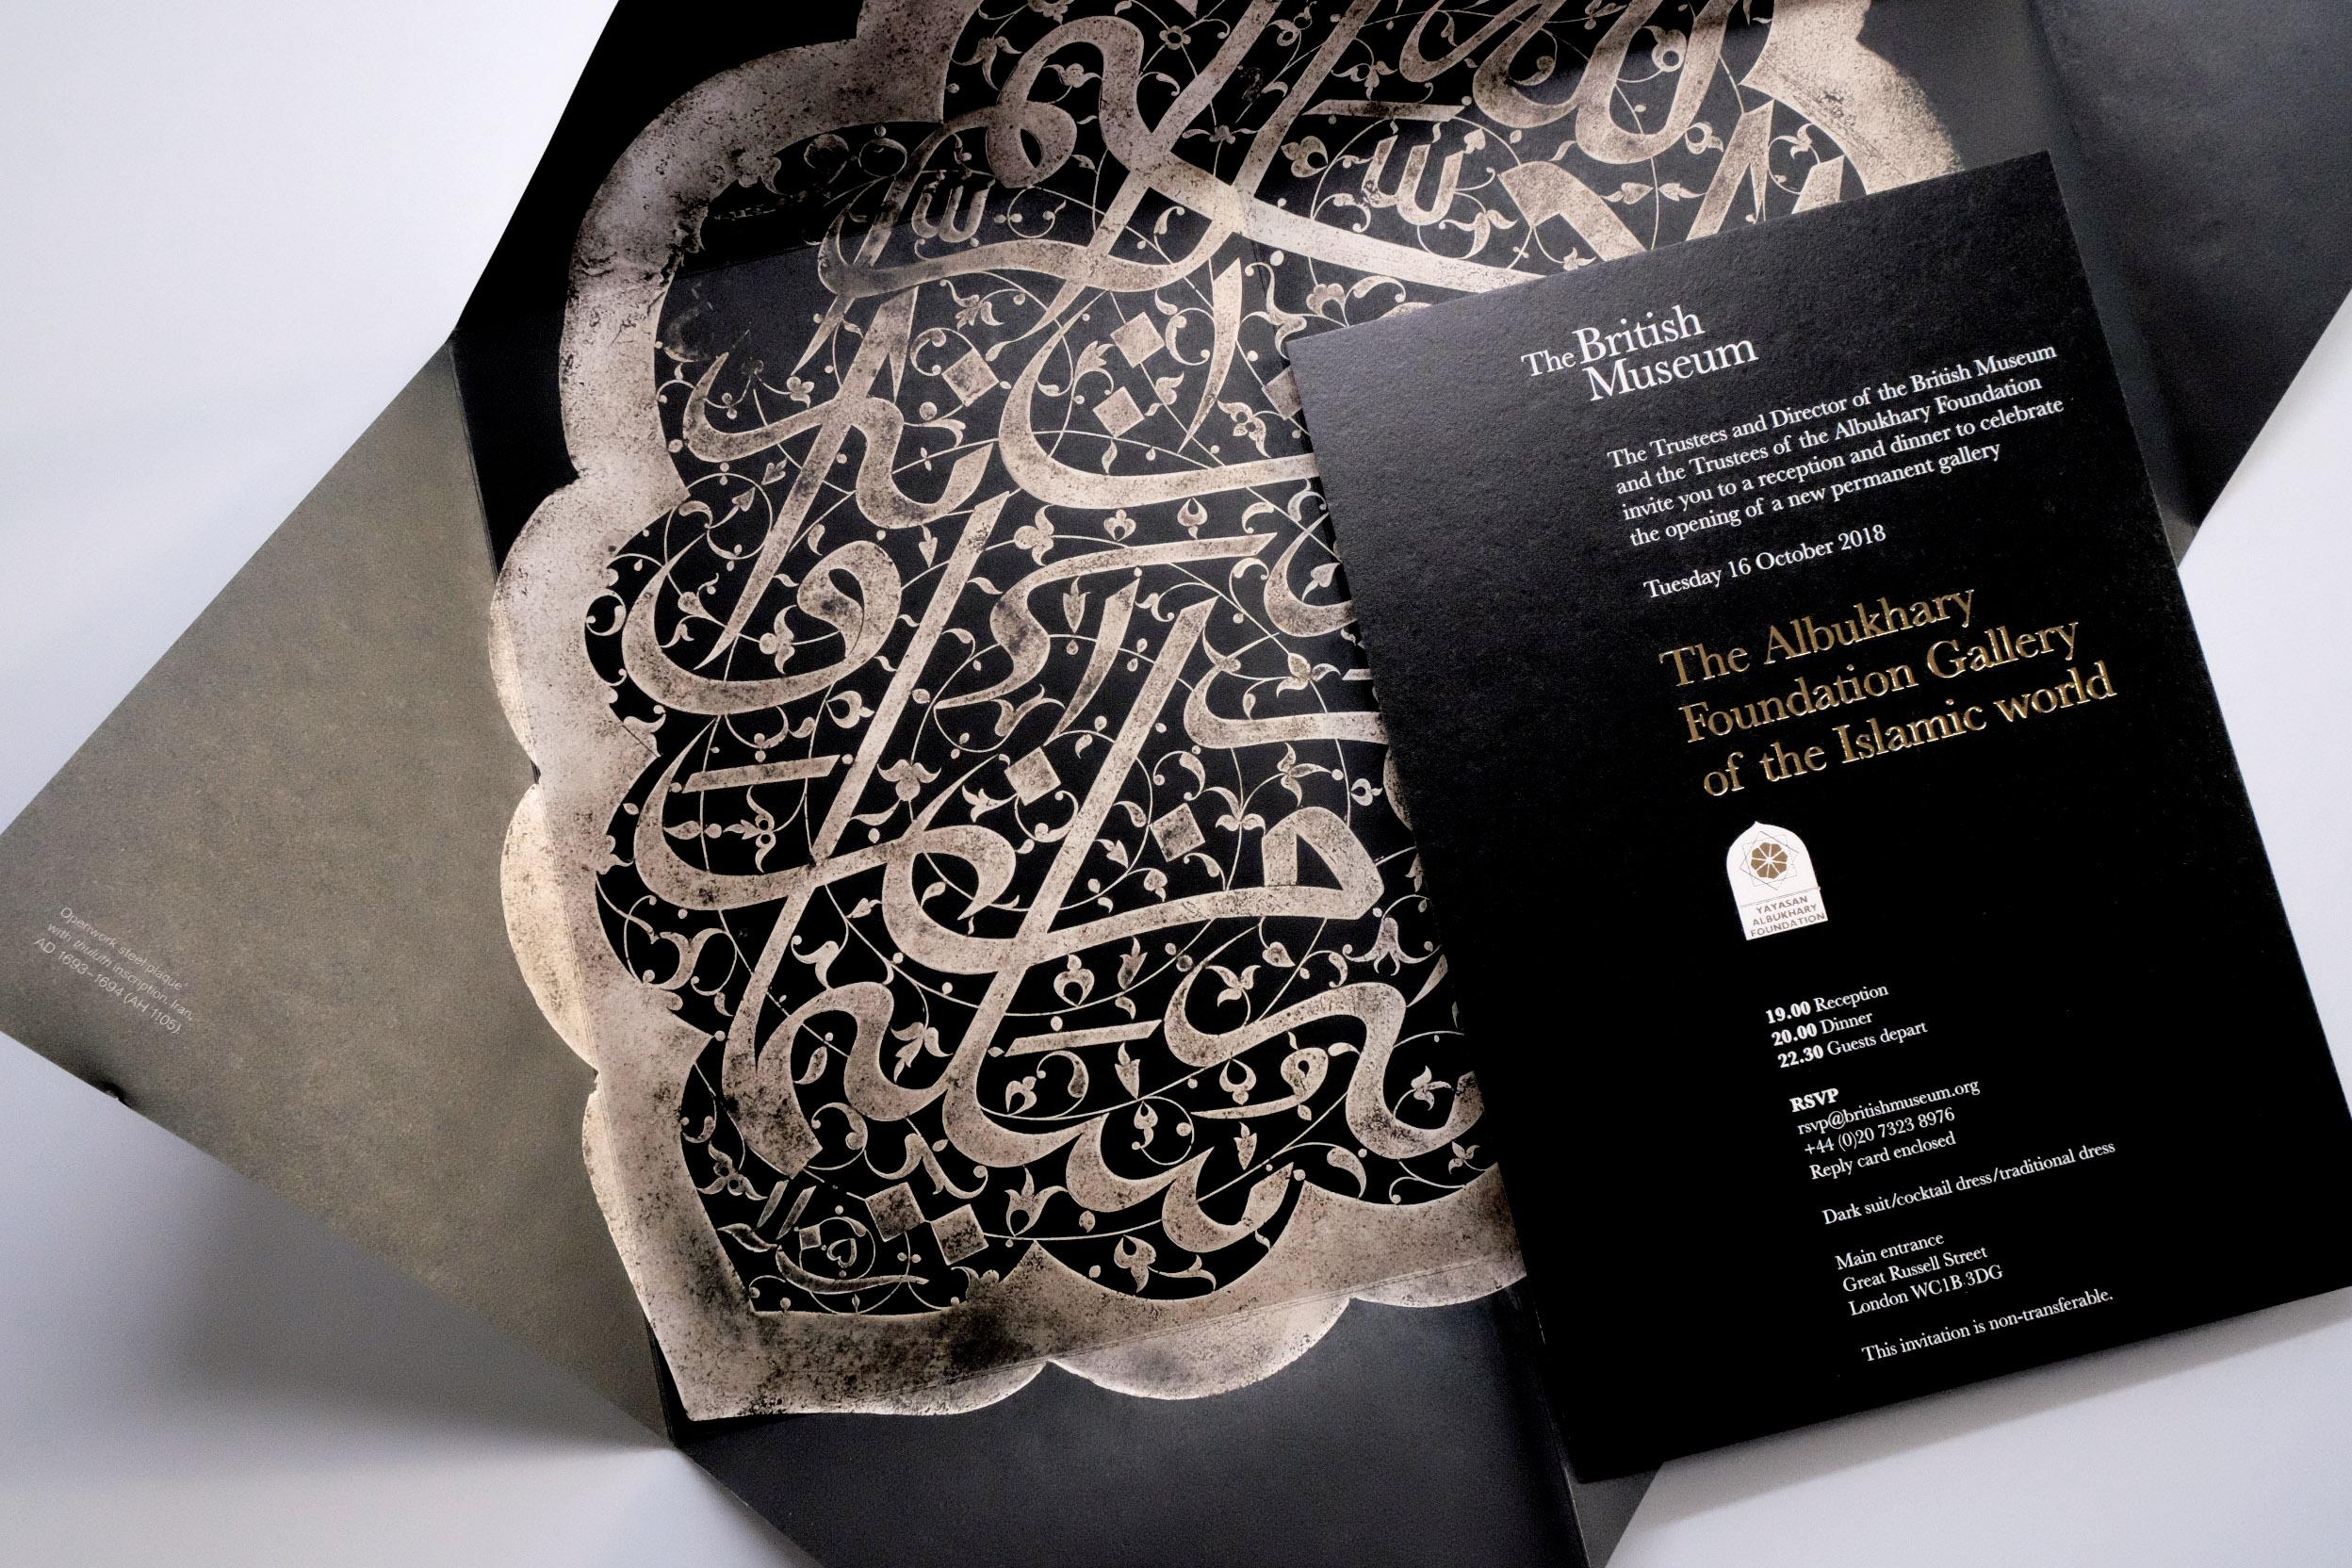 MargotLombaertStudio_BritishMuseum_Islamic_02.jpg